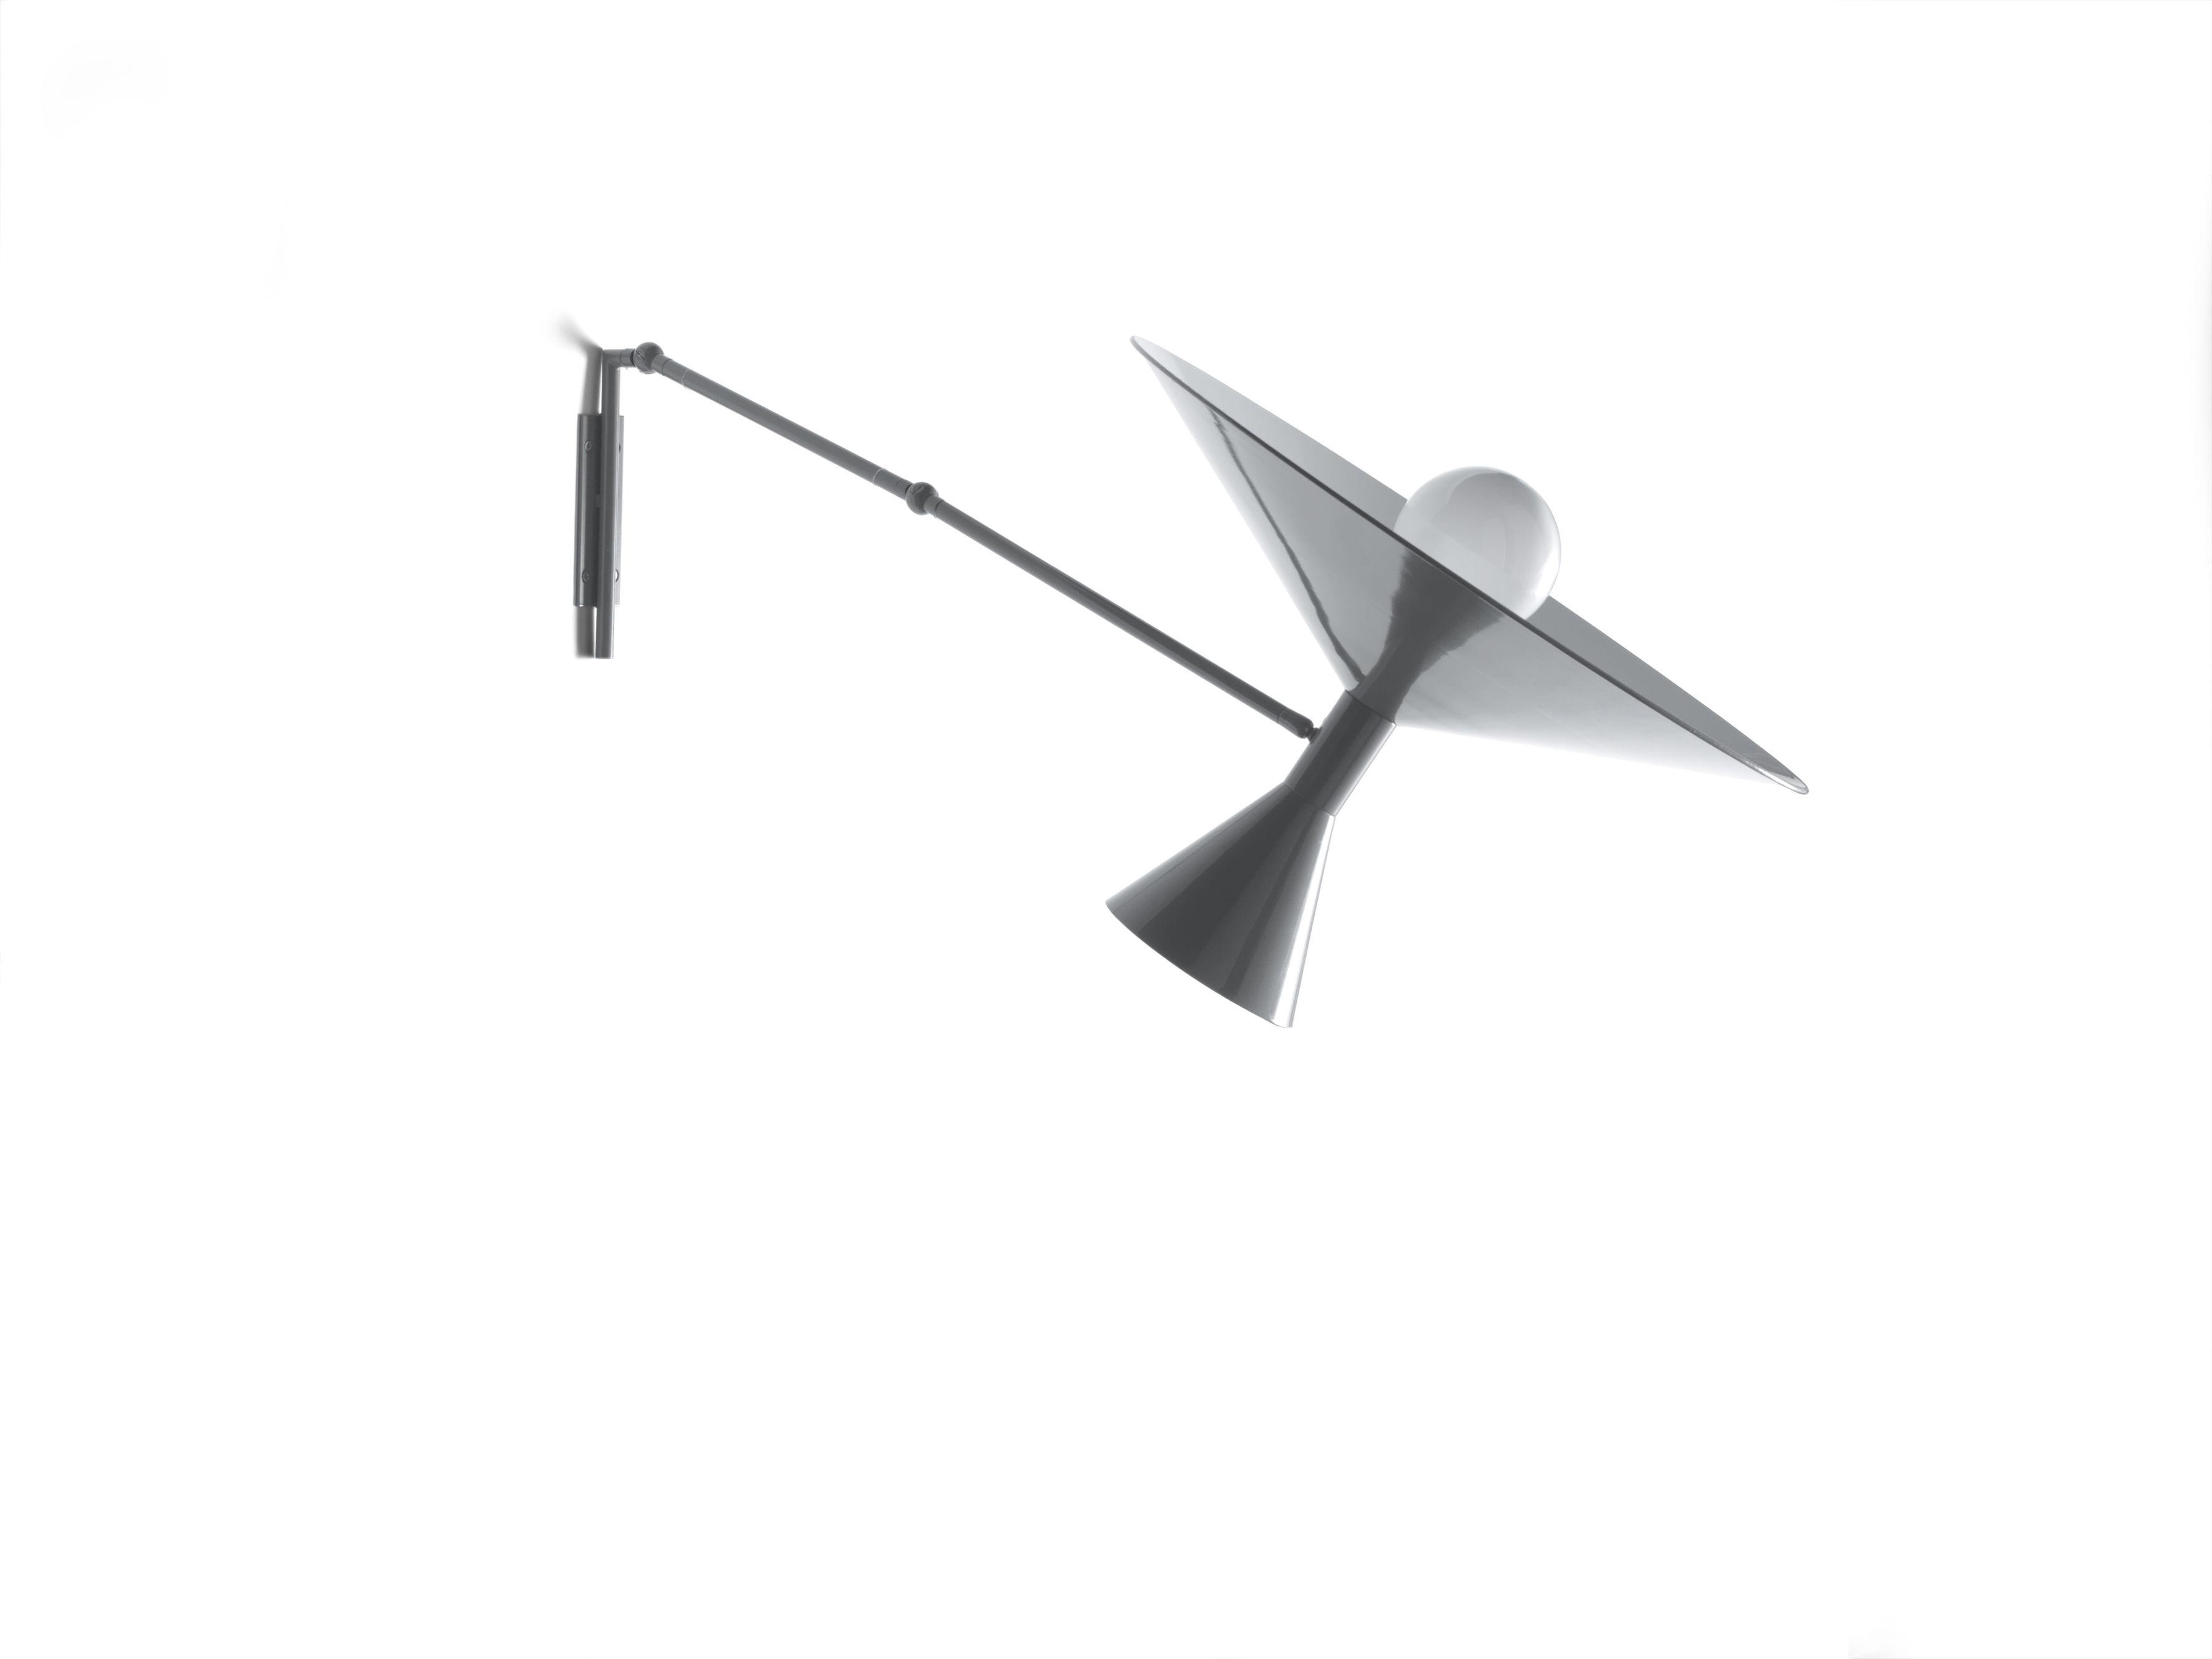 Lampe de marseille le corbusier nemo cassina - Applique de marseille le corbusier ...